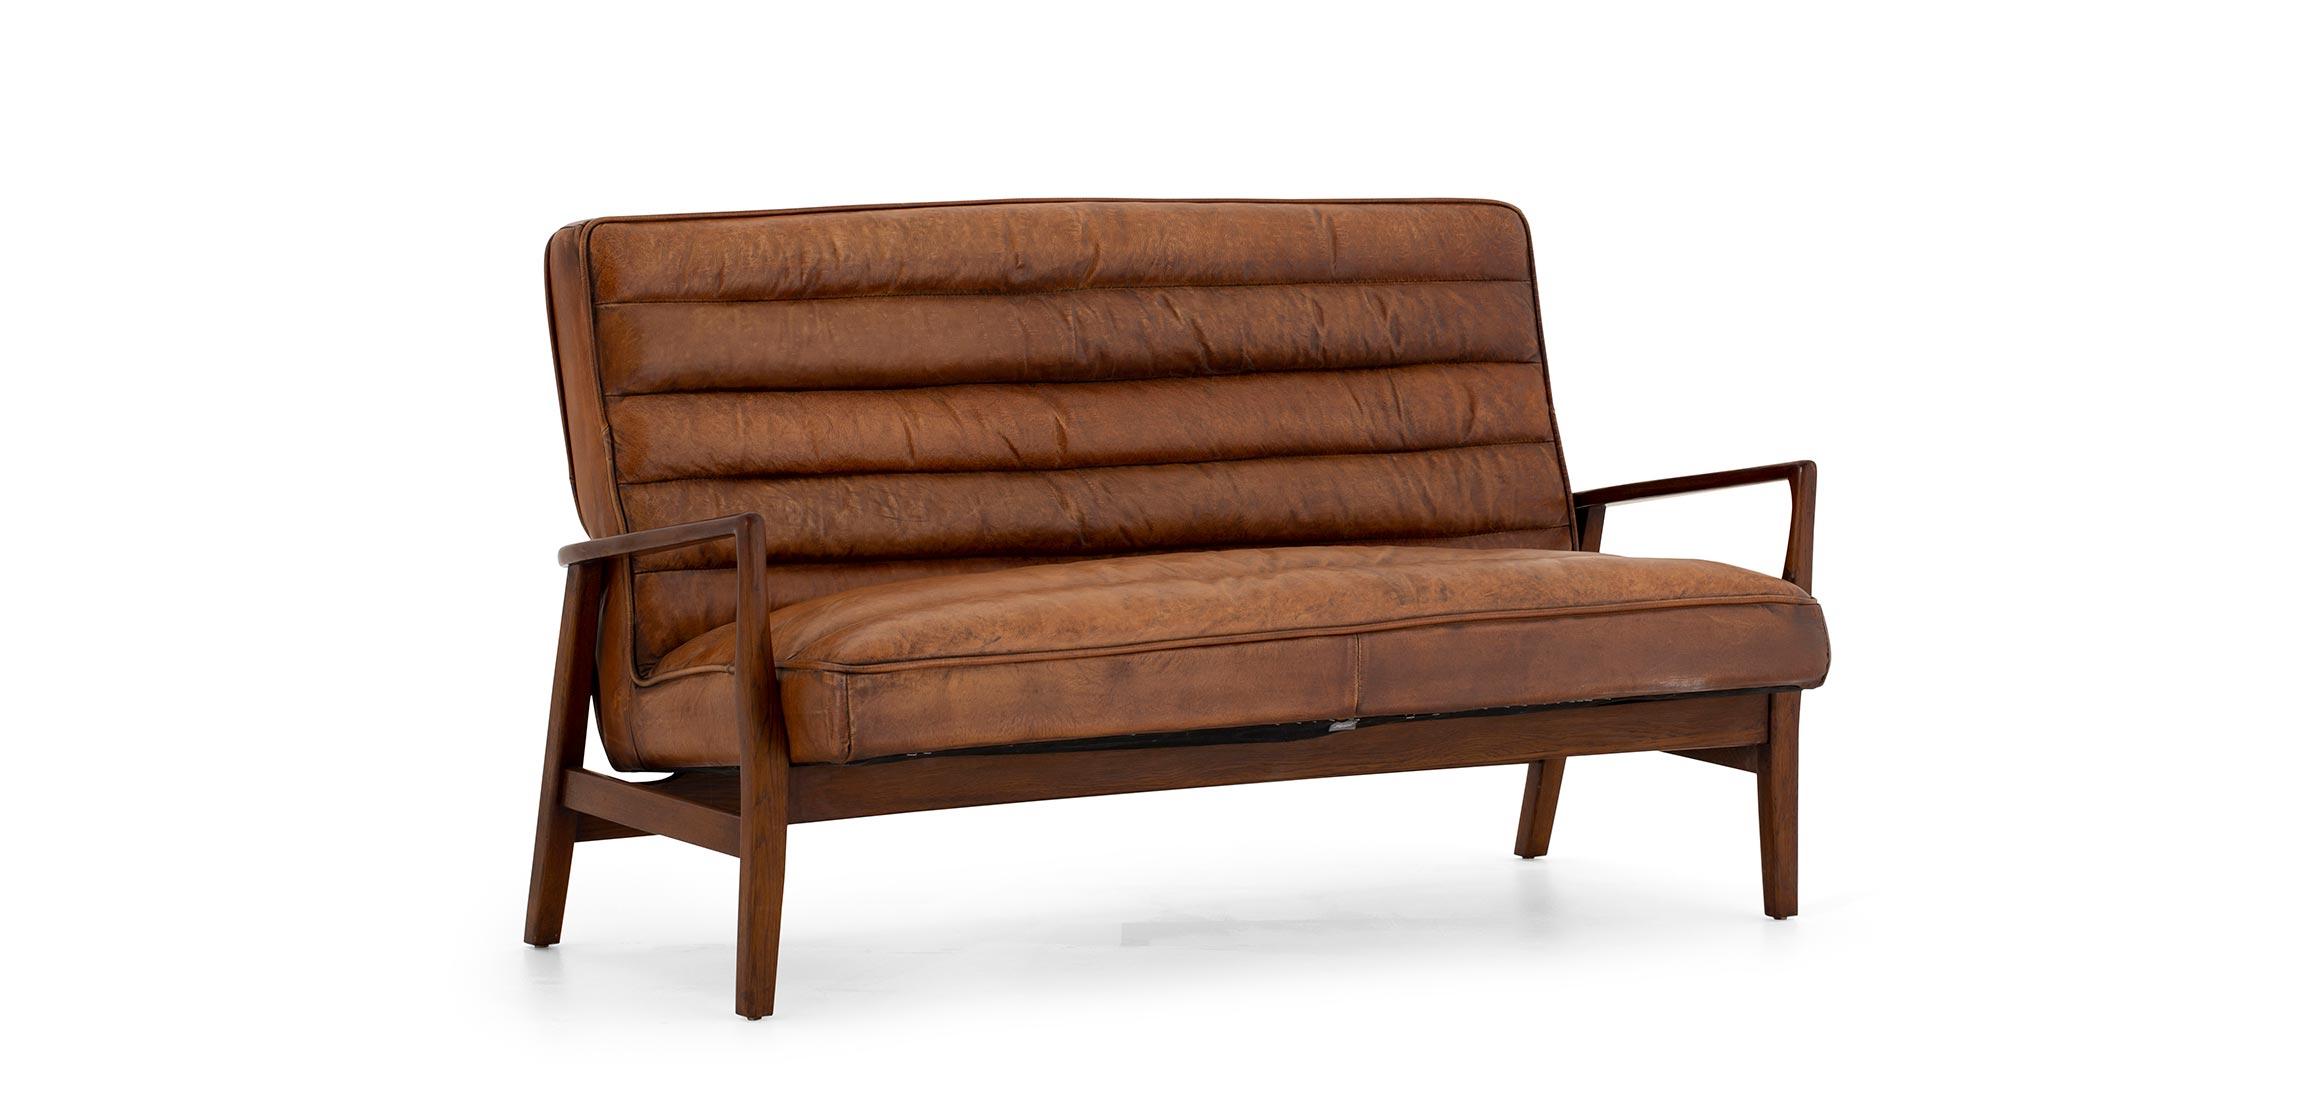 Full Size of Sofa Leder Braun 3 2 1 Chesterfield Gebraucht Vintage Couch Kaufen Ikea Otto Nixon Wildleder Auf Raten Großes Aus Matratzen Rolf Benz Türkis Groß Grau Sofa Sofa Leder Braun